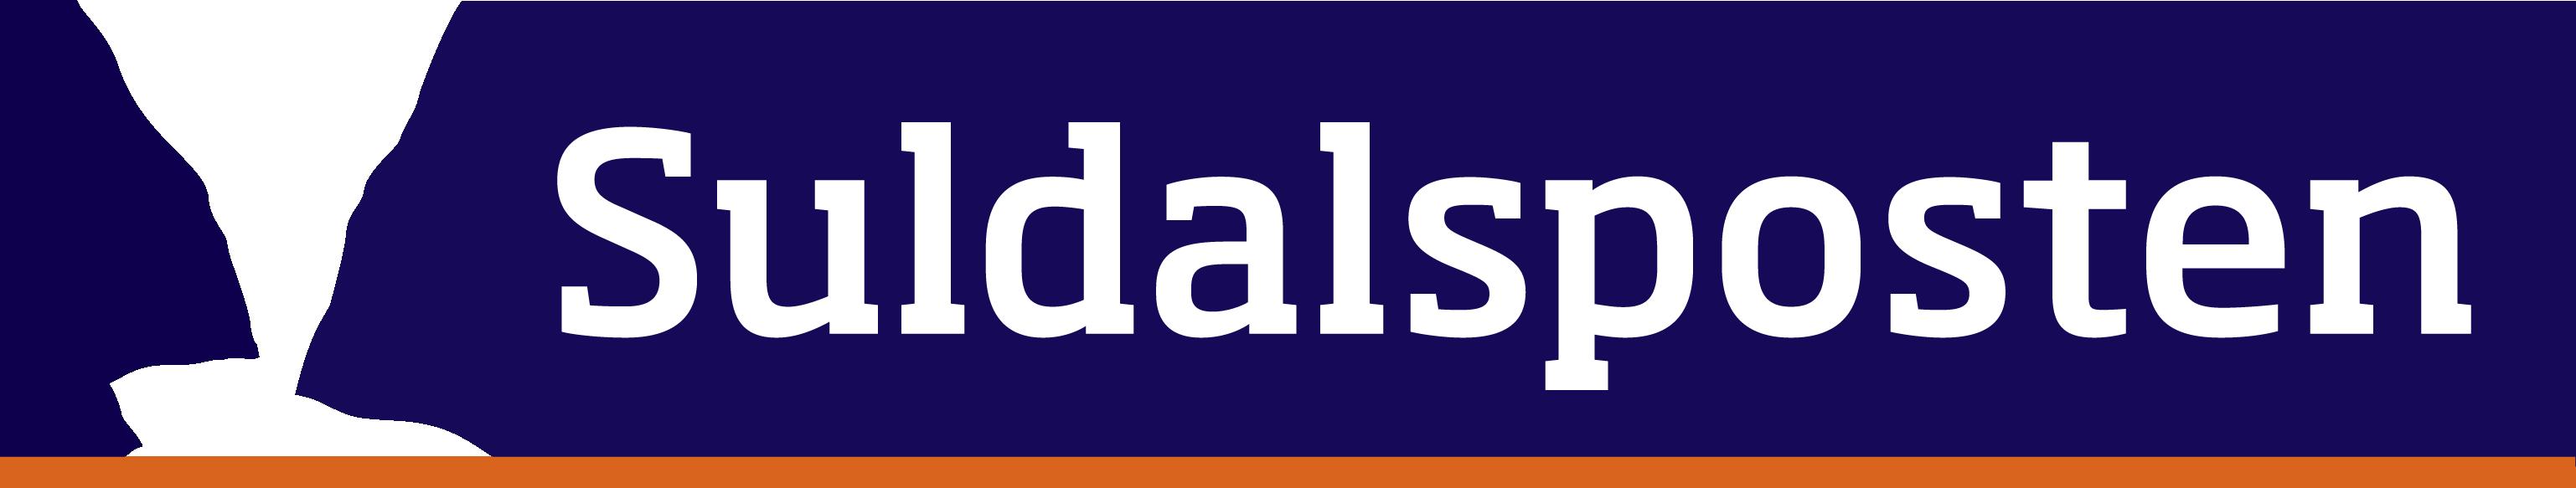 Suldalsposten logo